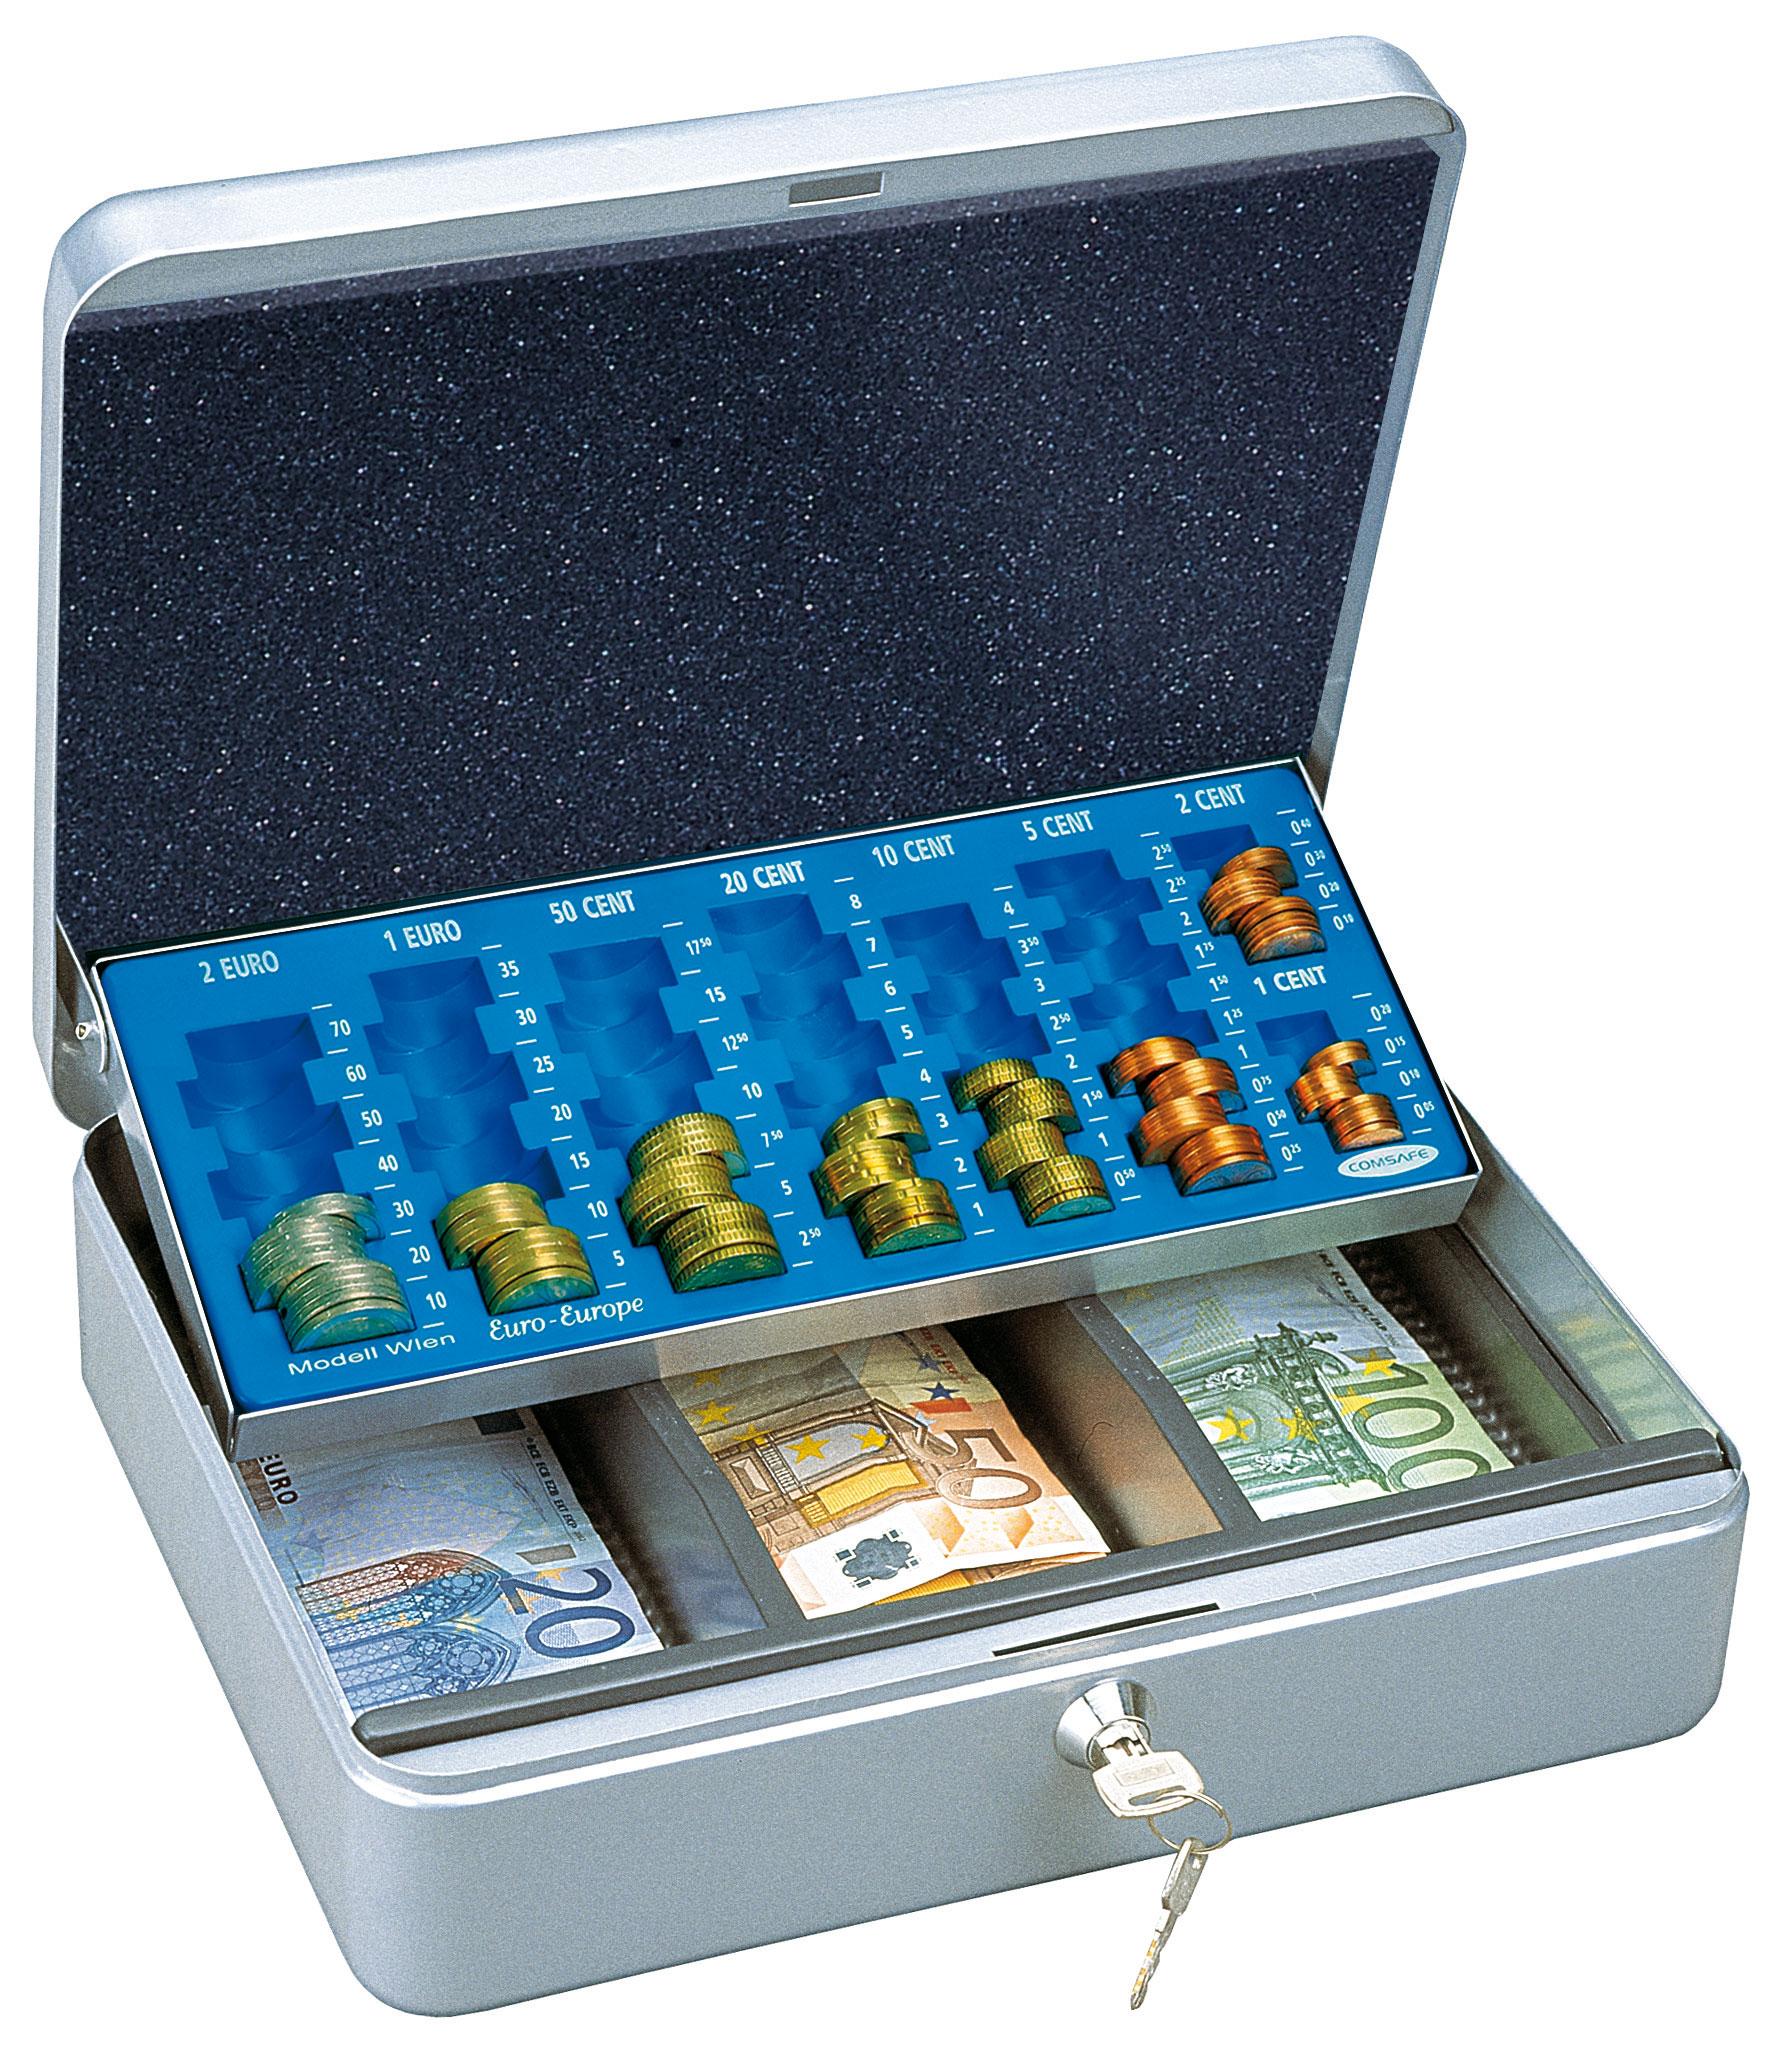 Rottner Geldkassette Homestar Euro 1 silber Bild 1